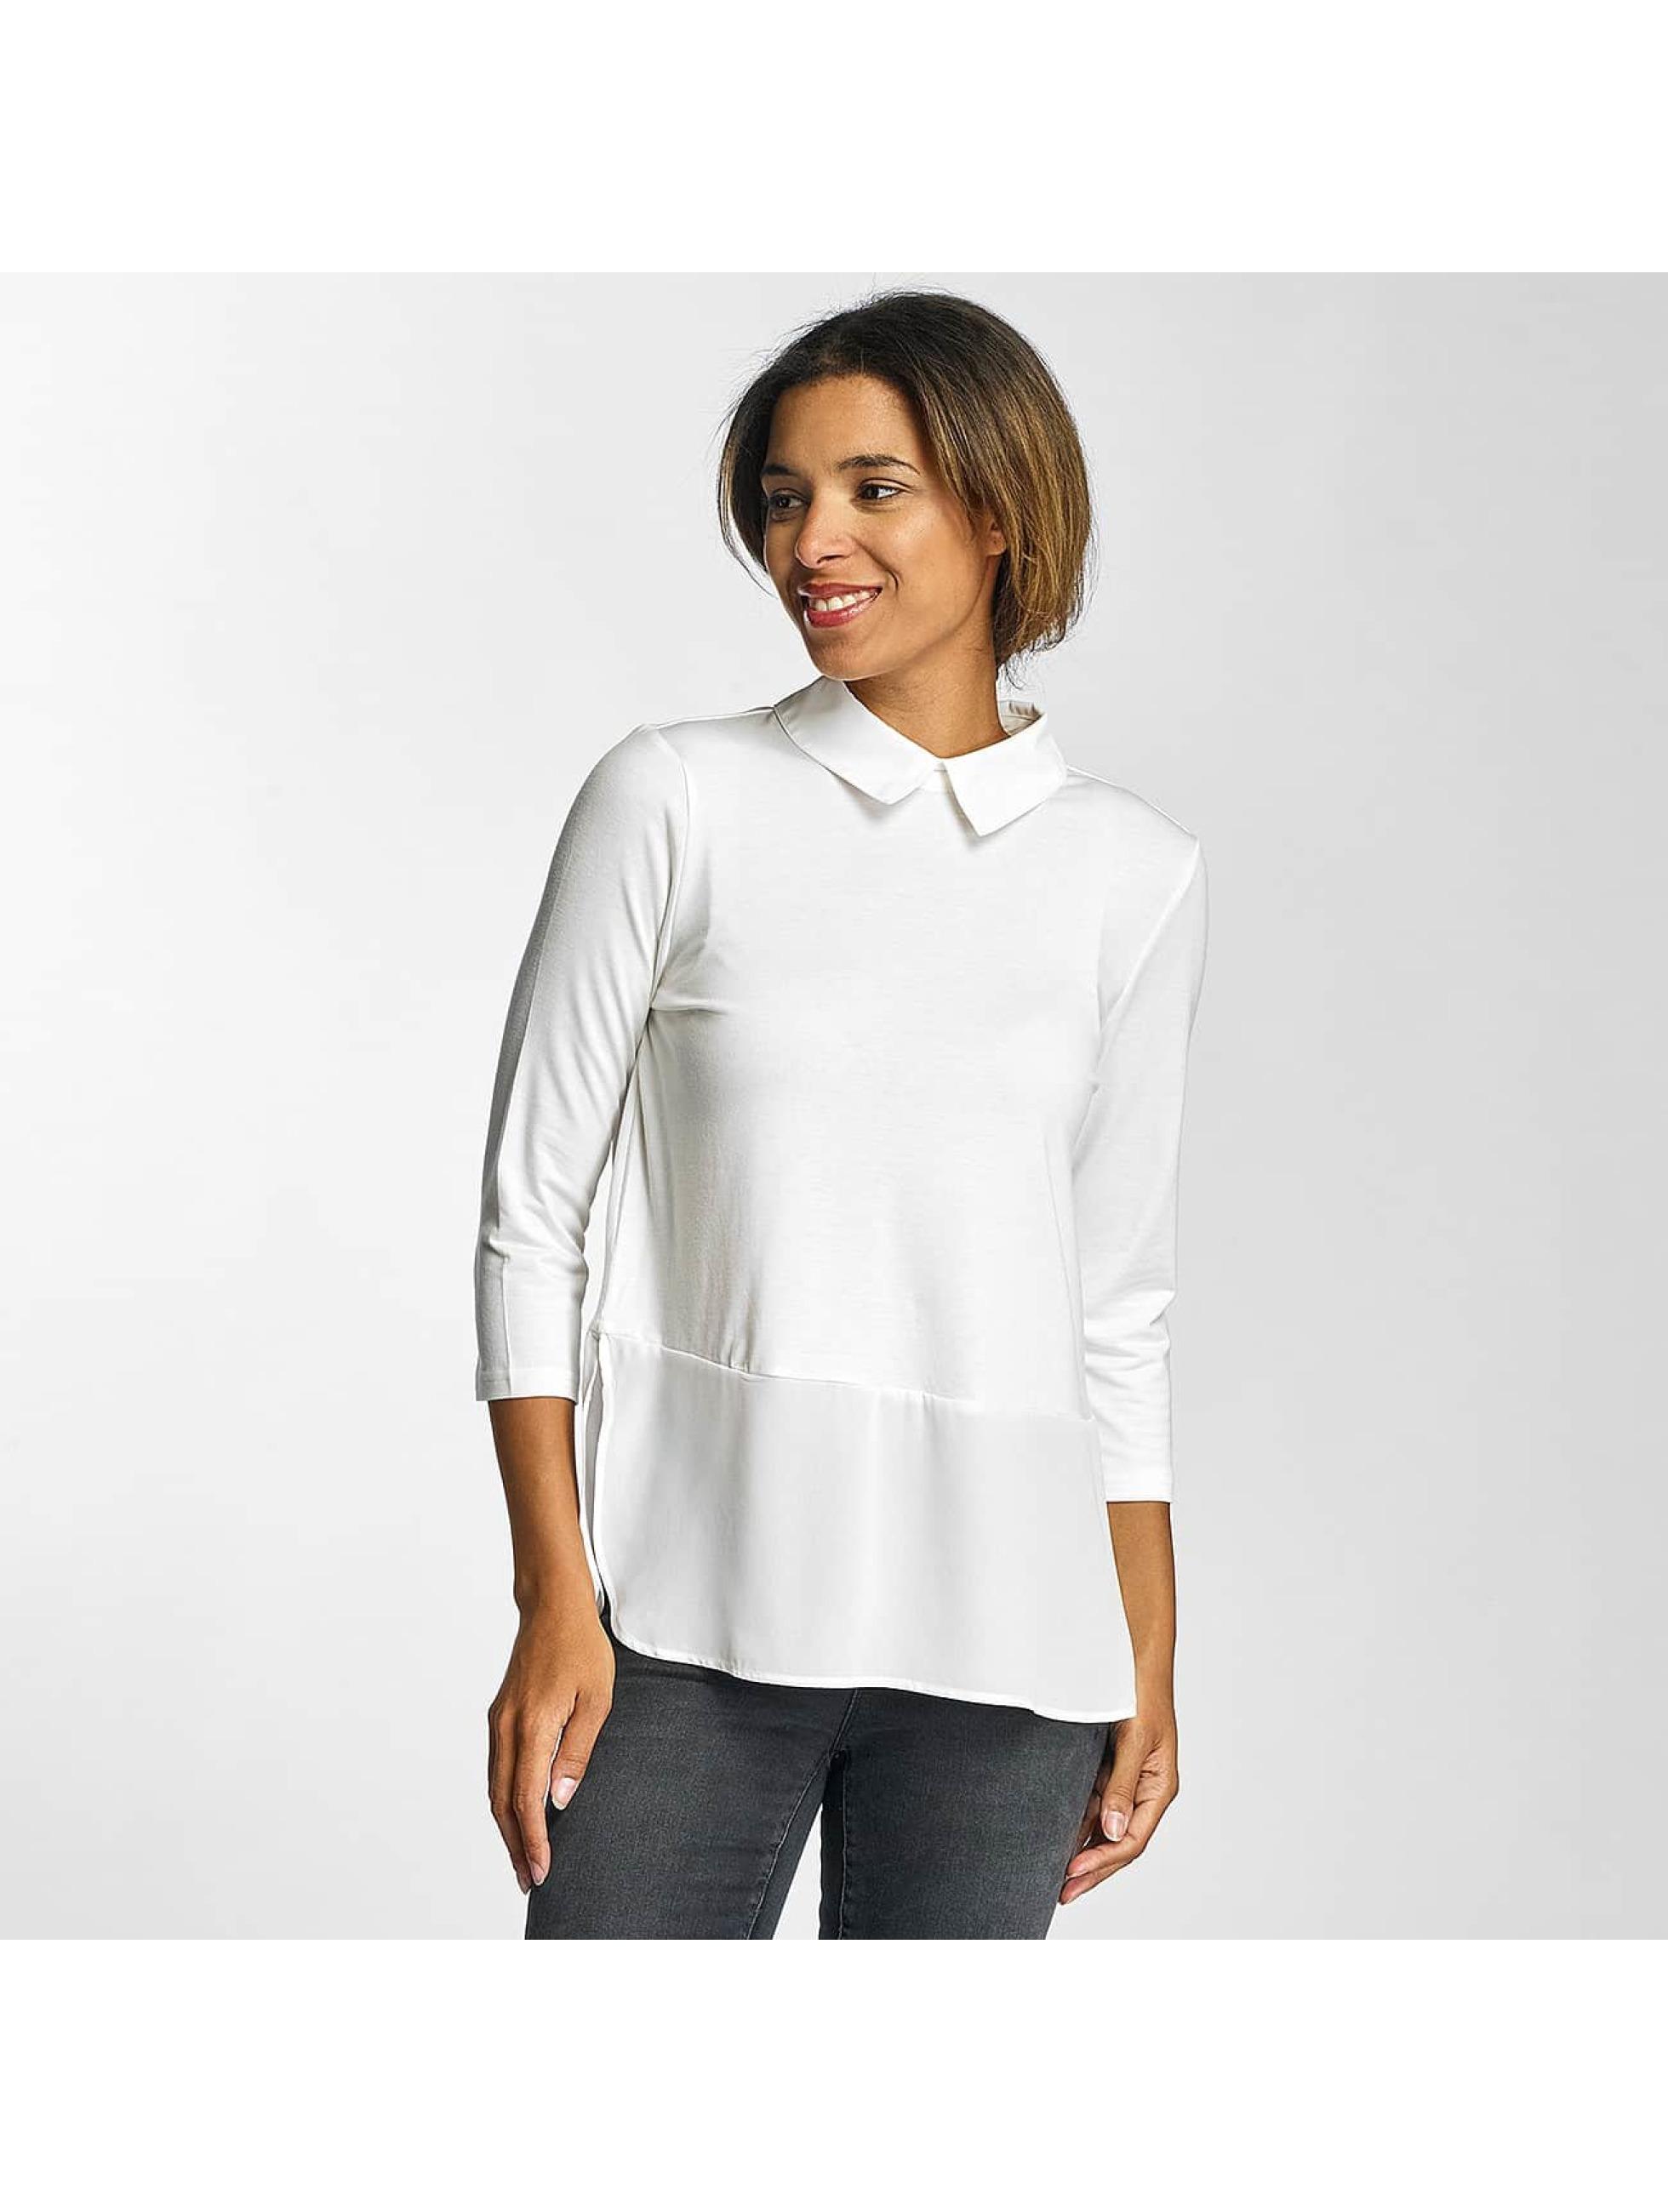 Vero Moda Frauen Longsleeve vmKacy in weiß